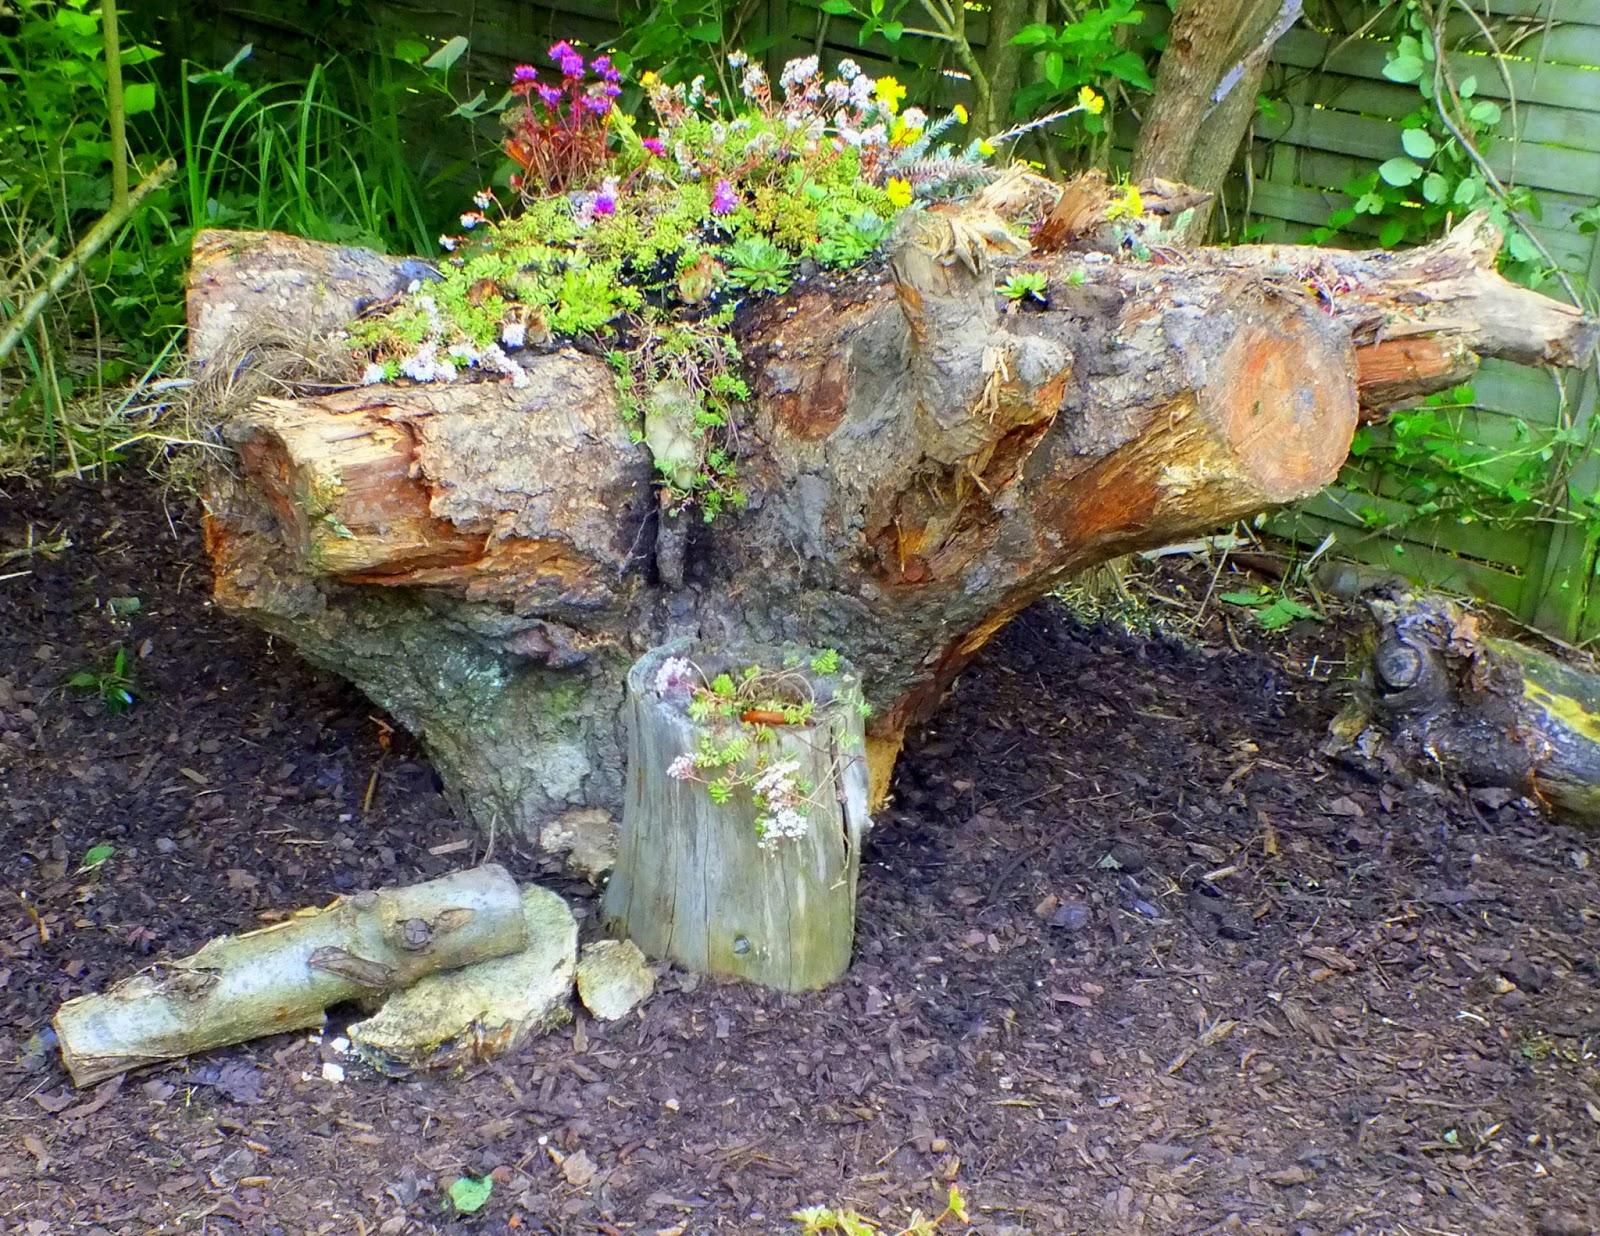 Wurzeln Entfernen Finest Wurzeln Entfernen Garten Unkraut Warum